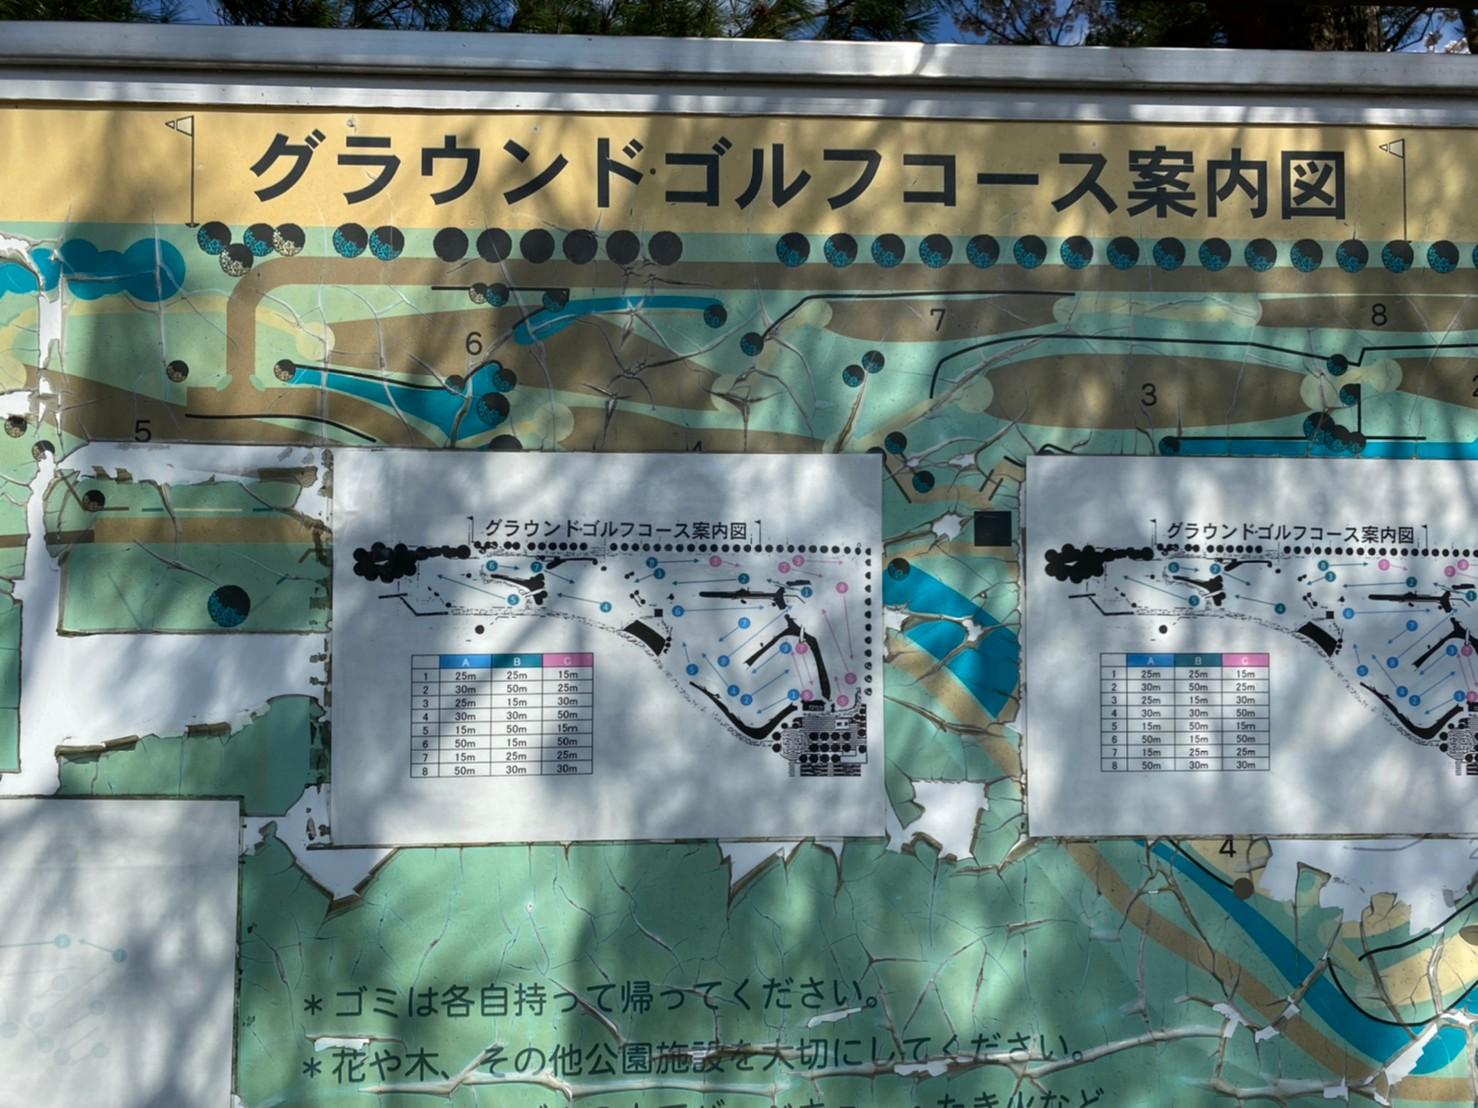 【長浜市】『奥びわスポーツの森』のアウトドア情報